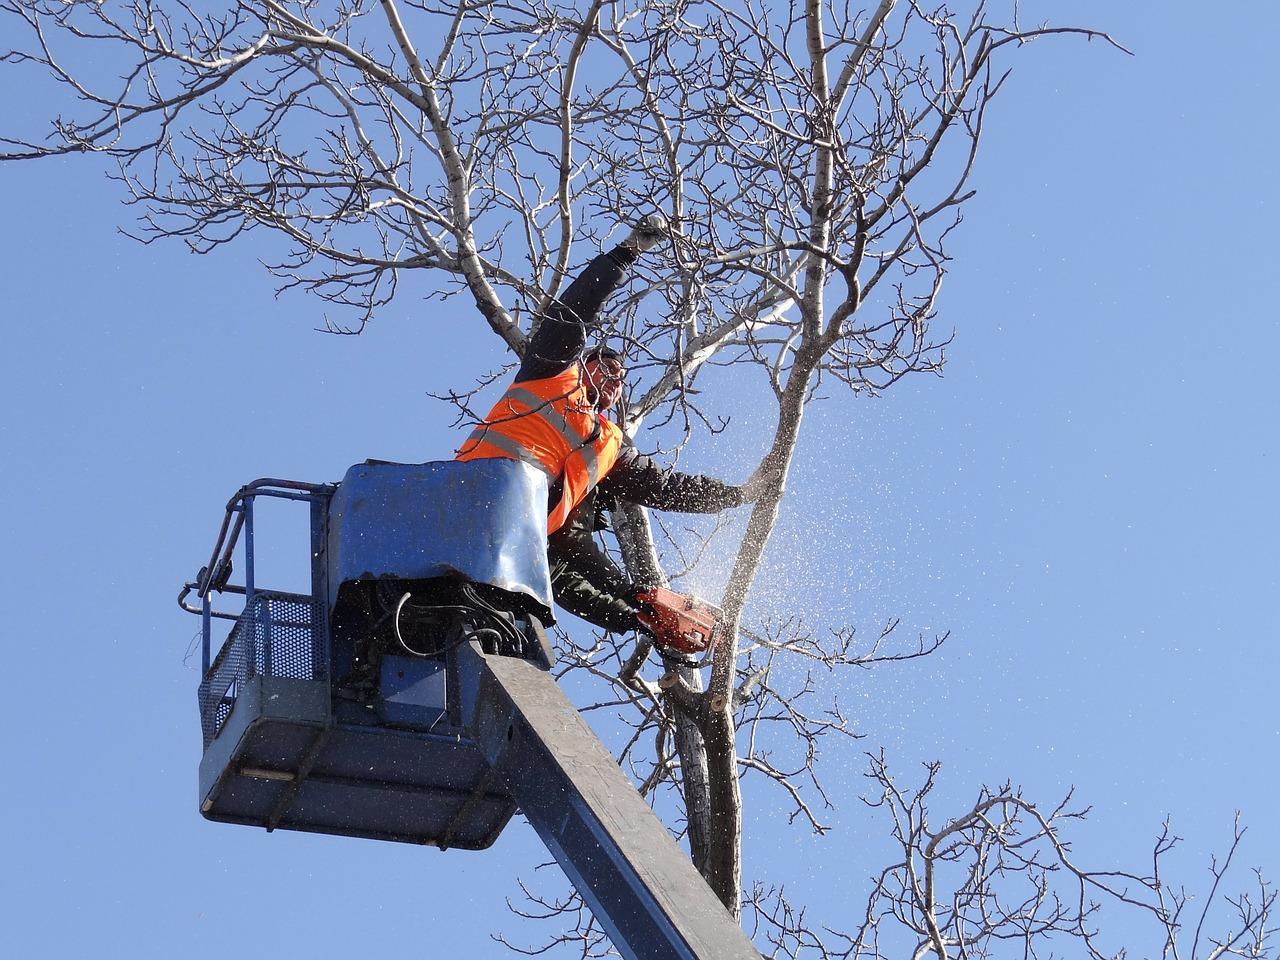 Штраф за незаконную вырубку деревьев в 2019 году